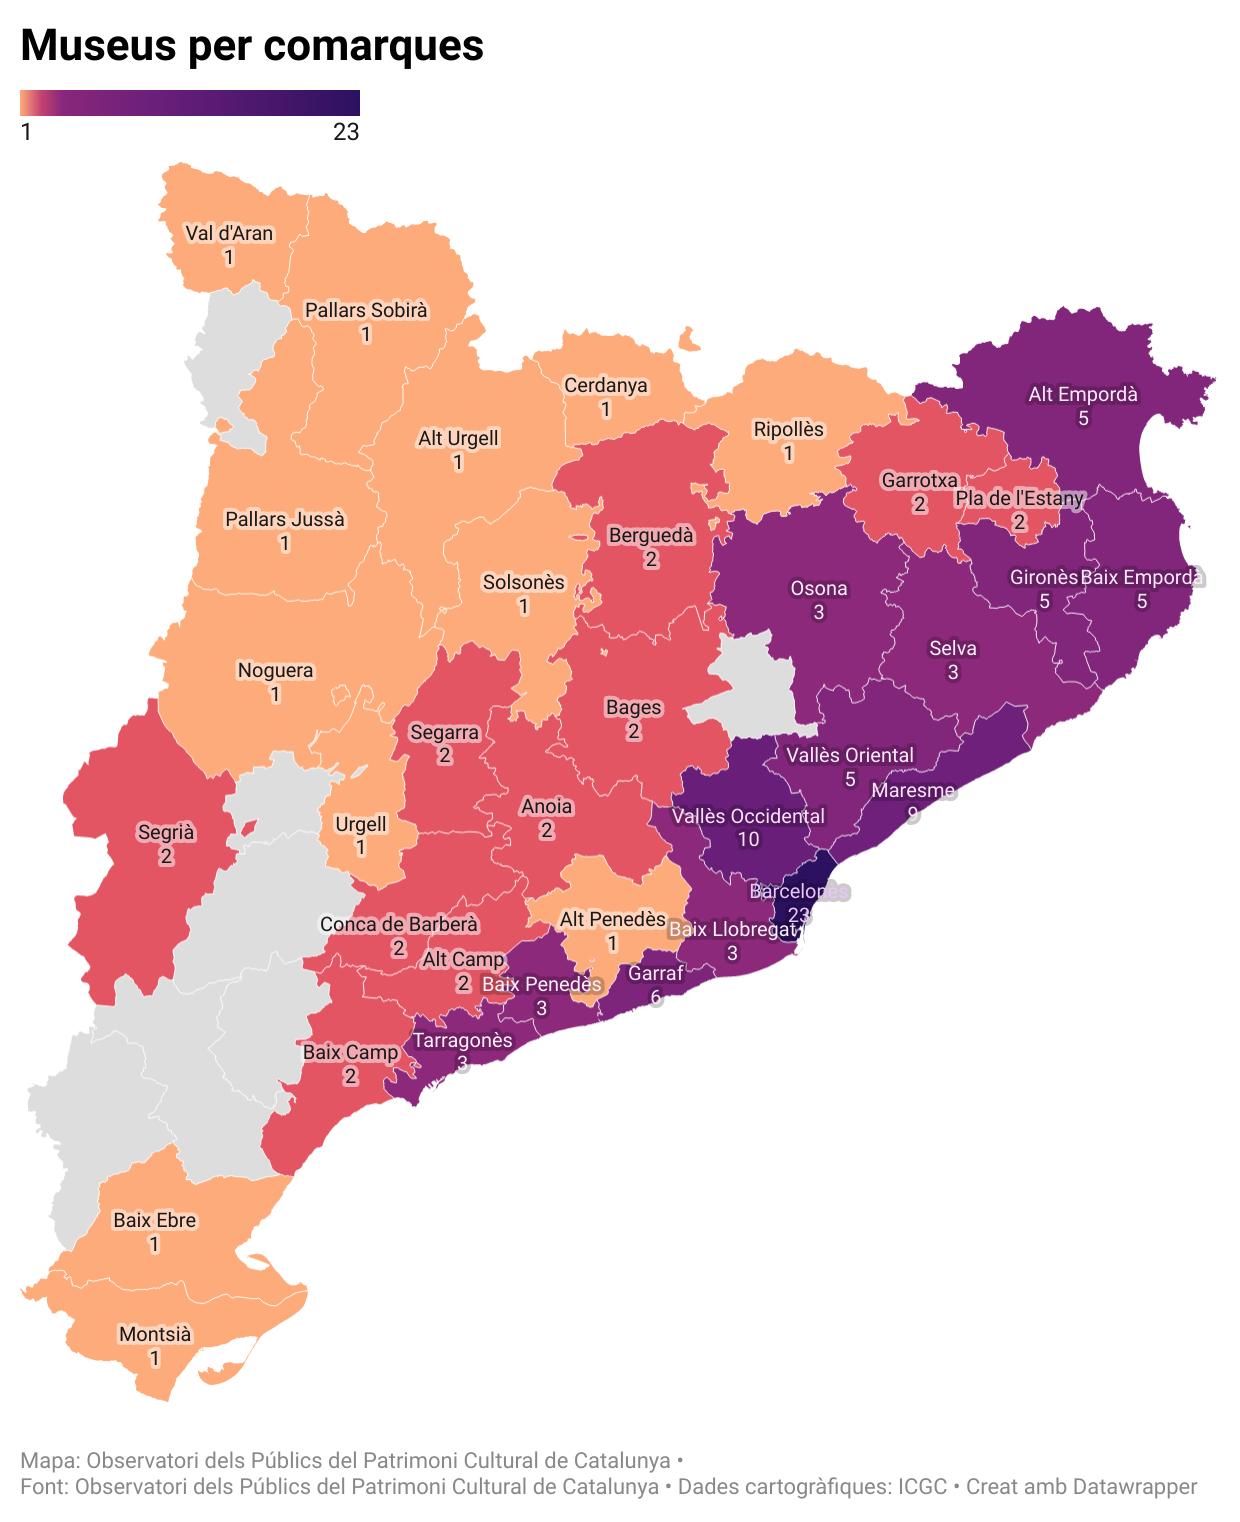 informe-junta-de-museos-2018-sobre-el-estado-de-los-museos-del-pais-y-de-la-actuacion-del-conjunto-de-administraciones-de-cataluna-al-respecto